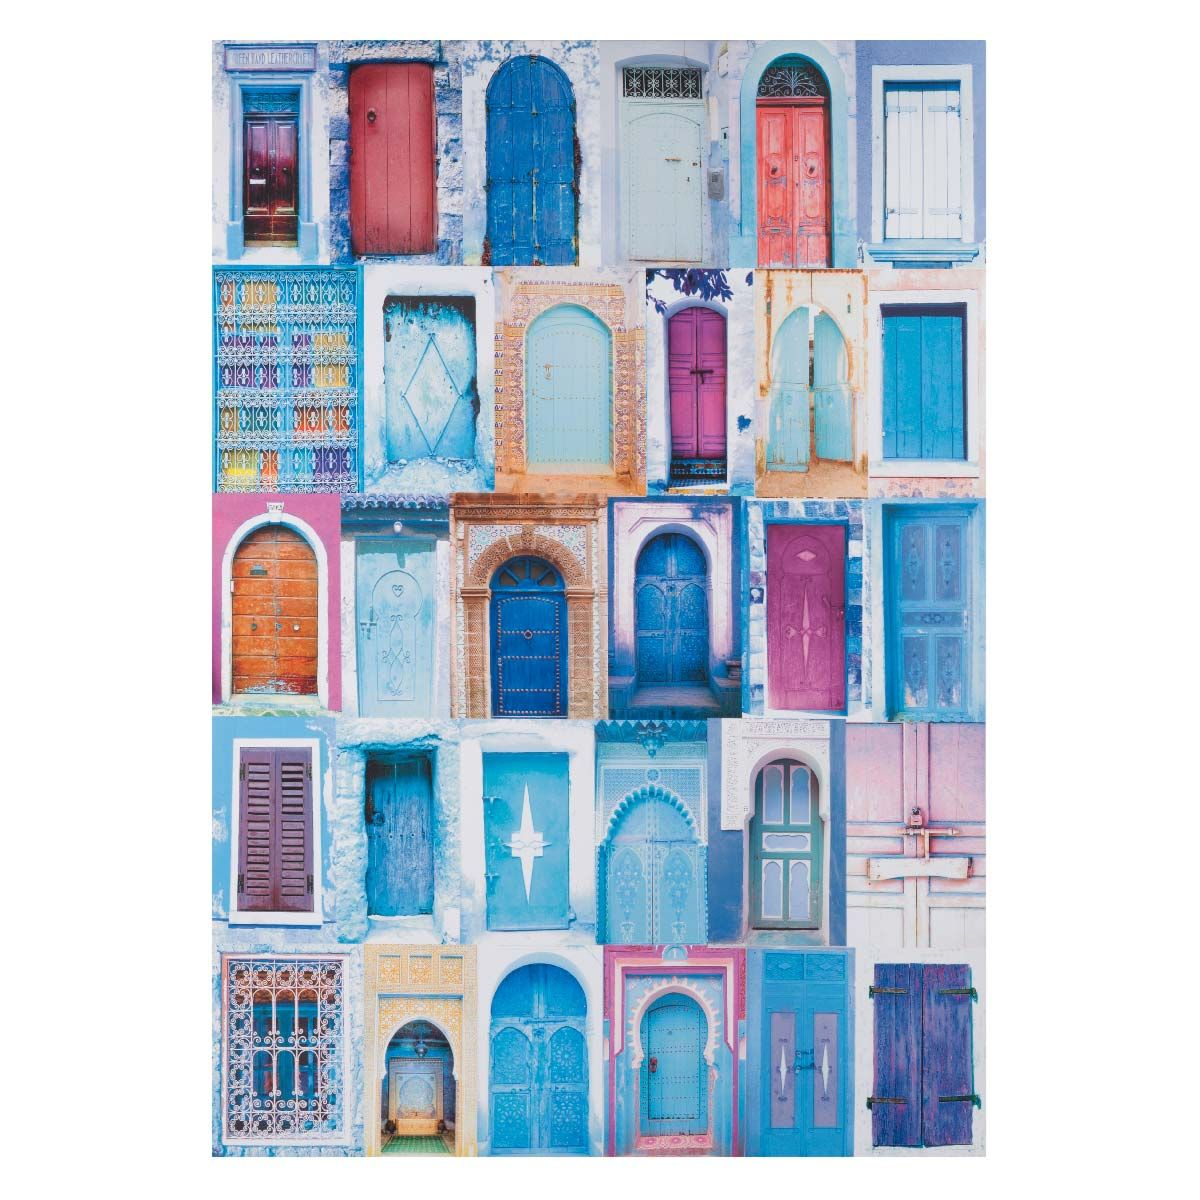 toile portes bleue 60 x 87 cm chefchaouen image de remplacement du chat noir pinterest. Black Bedroom Furniture Sets. Home Design Ideas